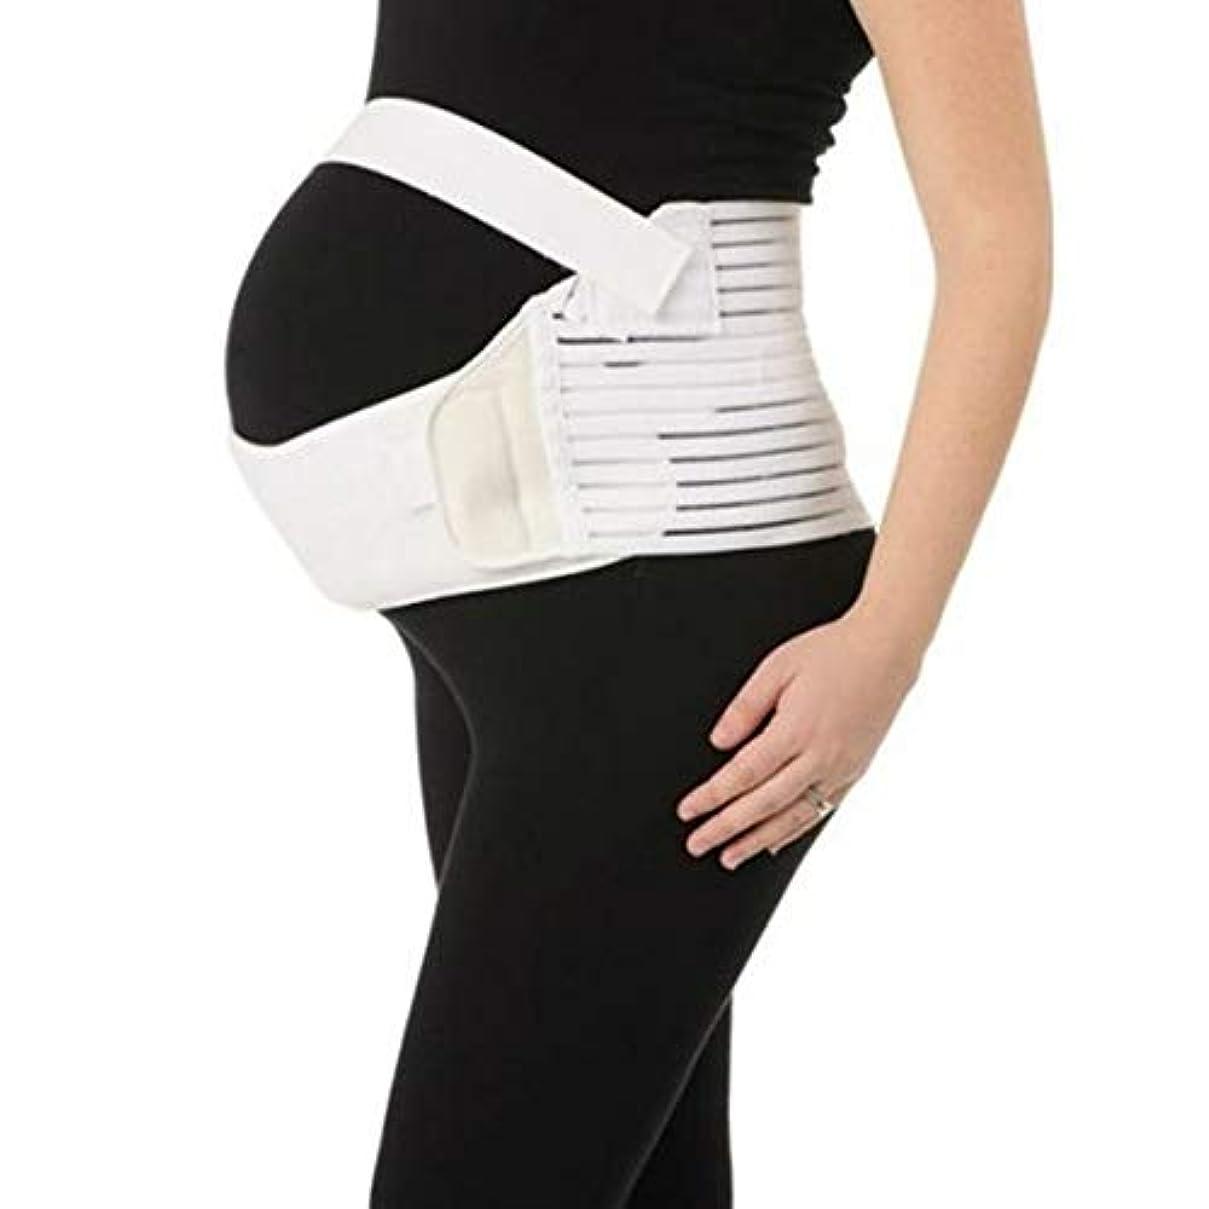 場所大惨事間違えた通気性マタニティベルト妊娠腹部サポート腹部バインダーガードル運動包帯産後回復形状ウェア - ホワイトXL